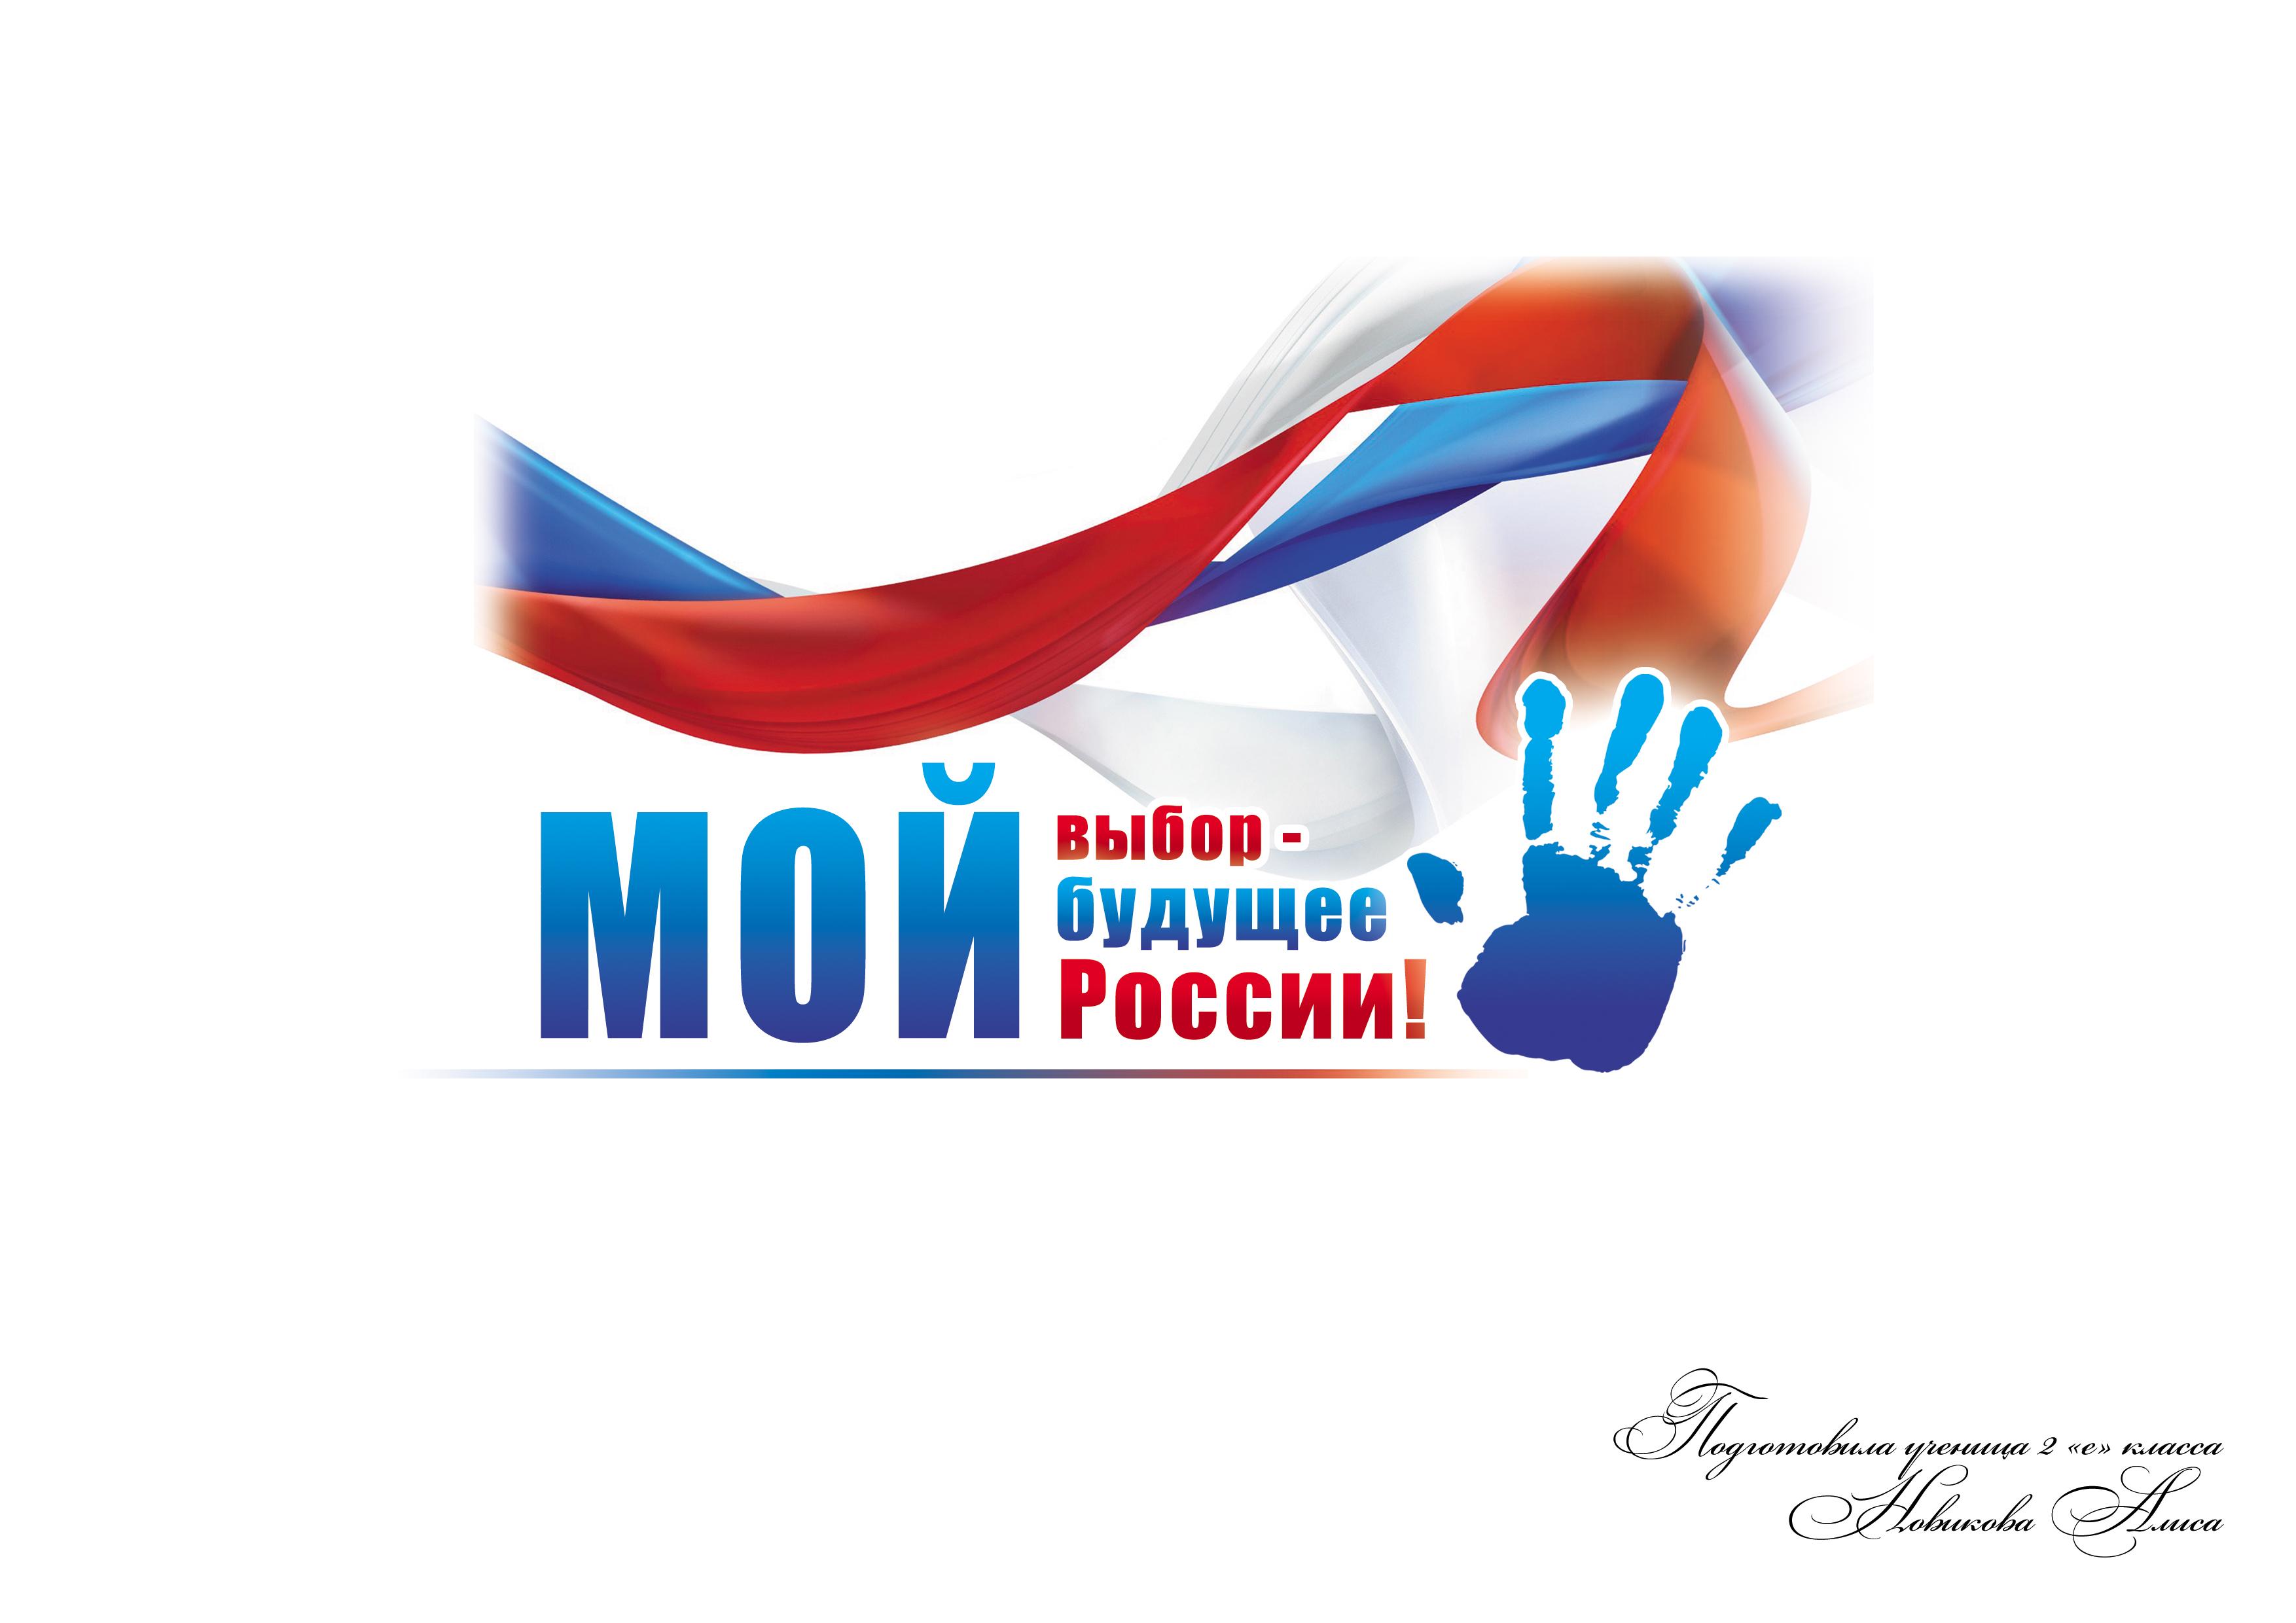 Как сделать надпись моя россия